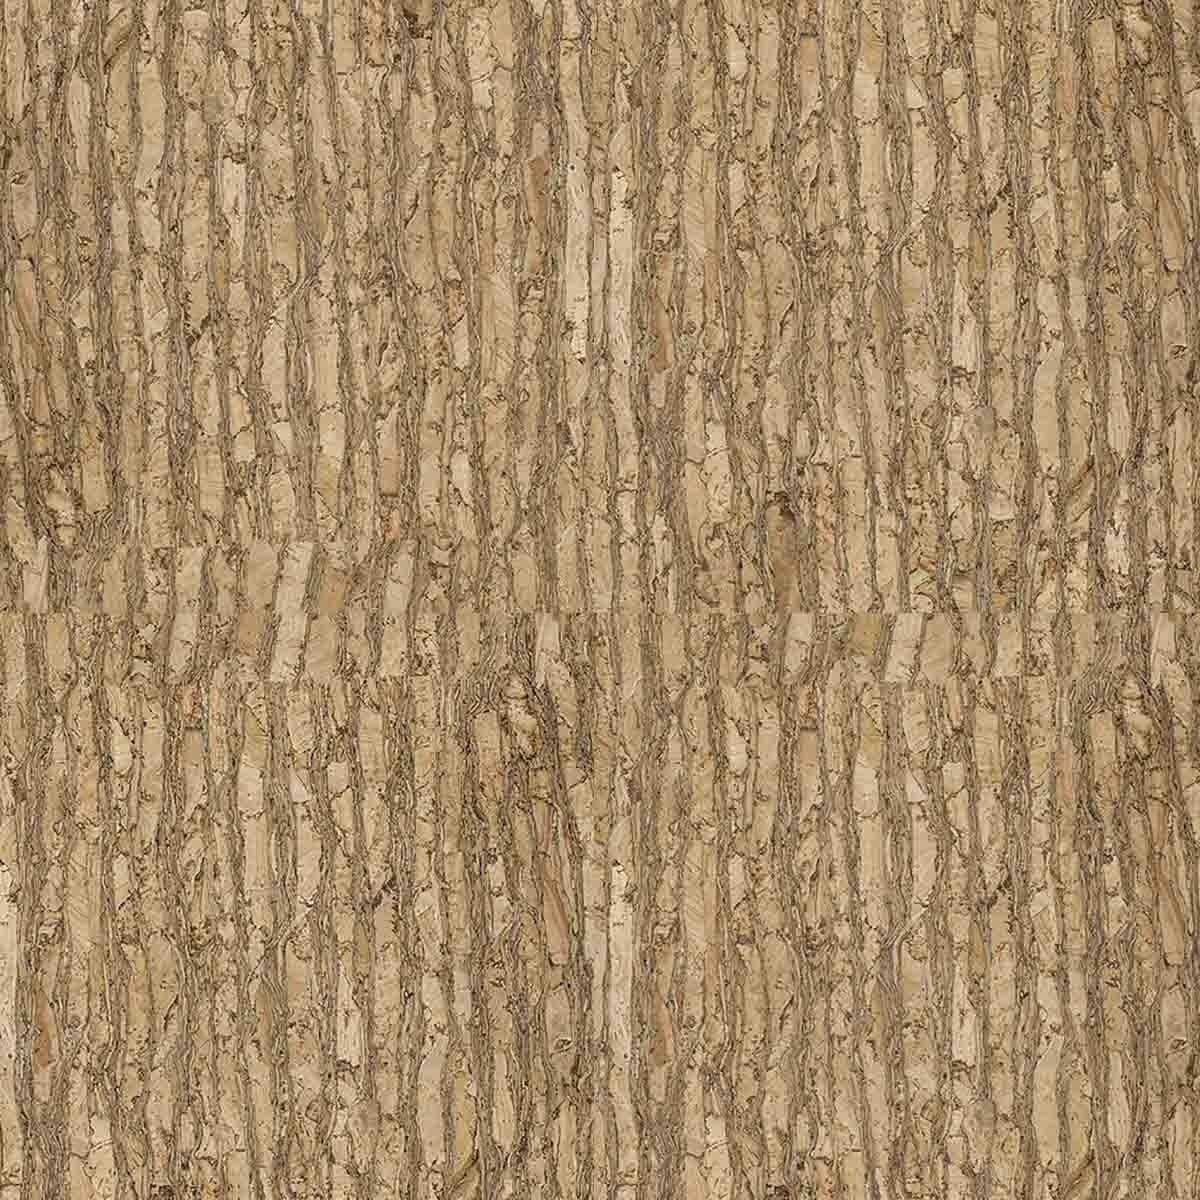 Natural Acorn Cork Vegan Fabric